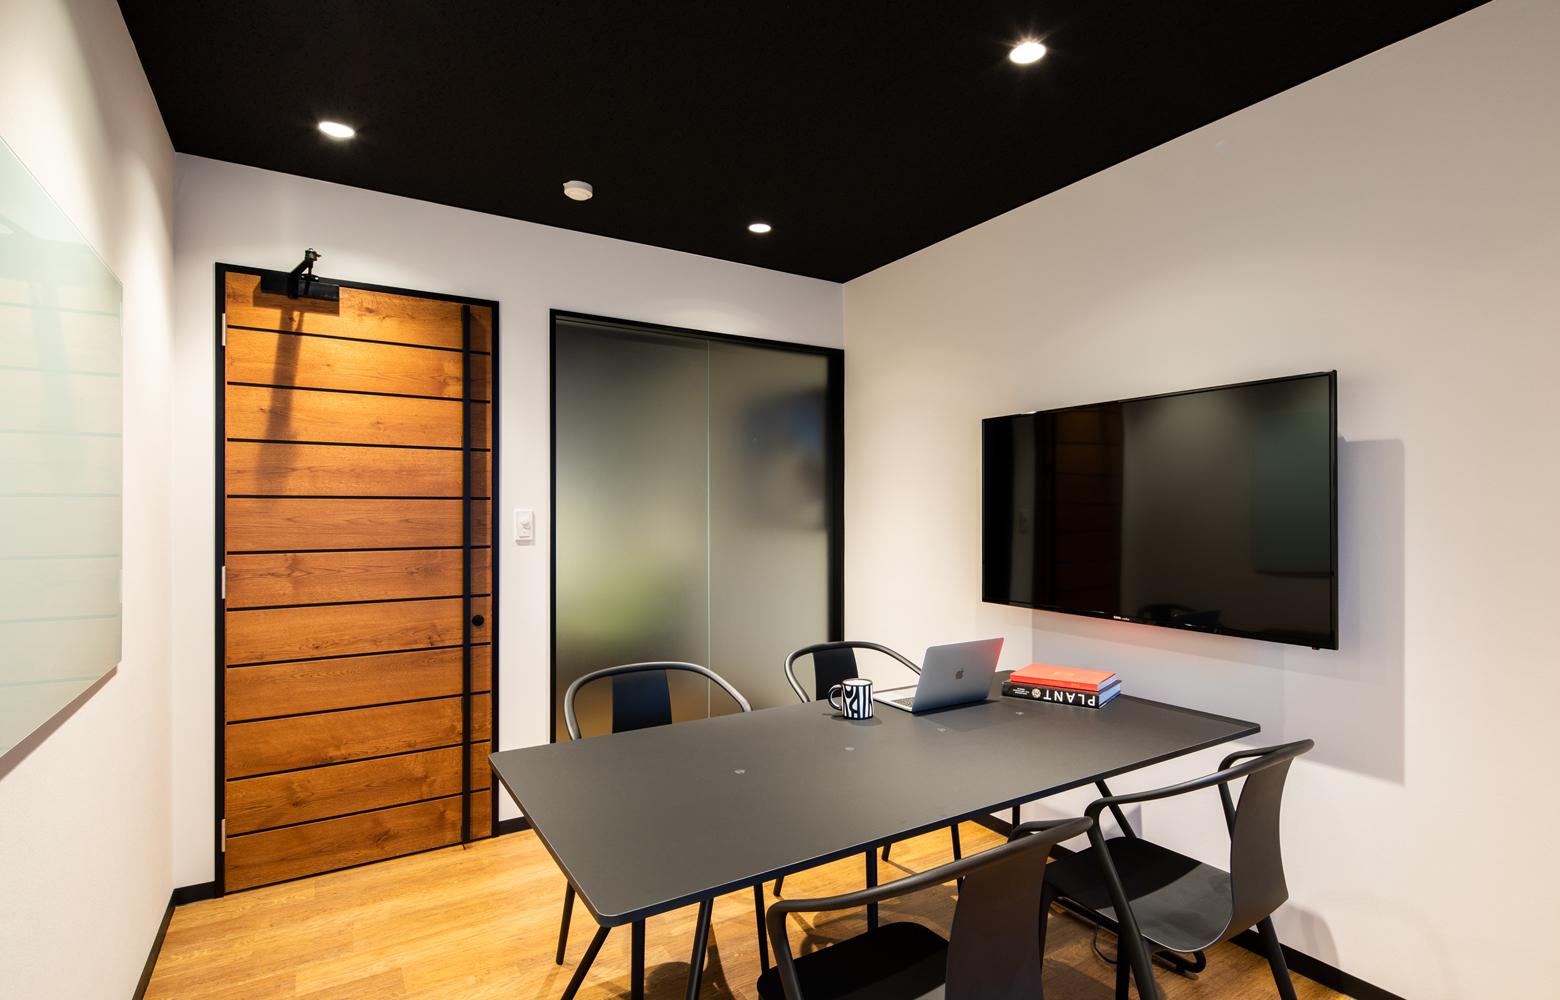 ロブソン株式会社 Meeting Room デザイン・レイアウト事例